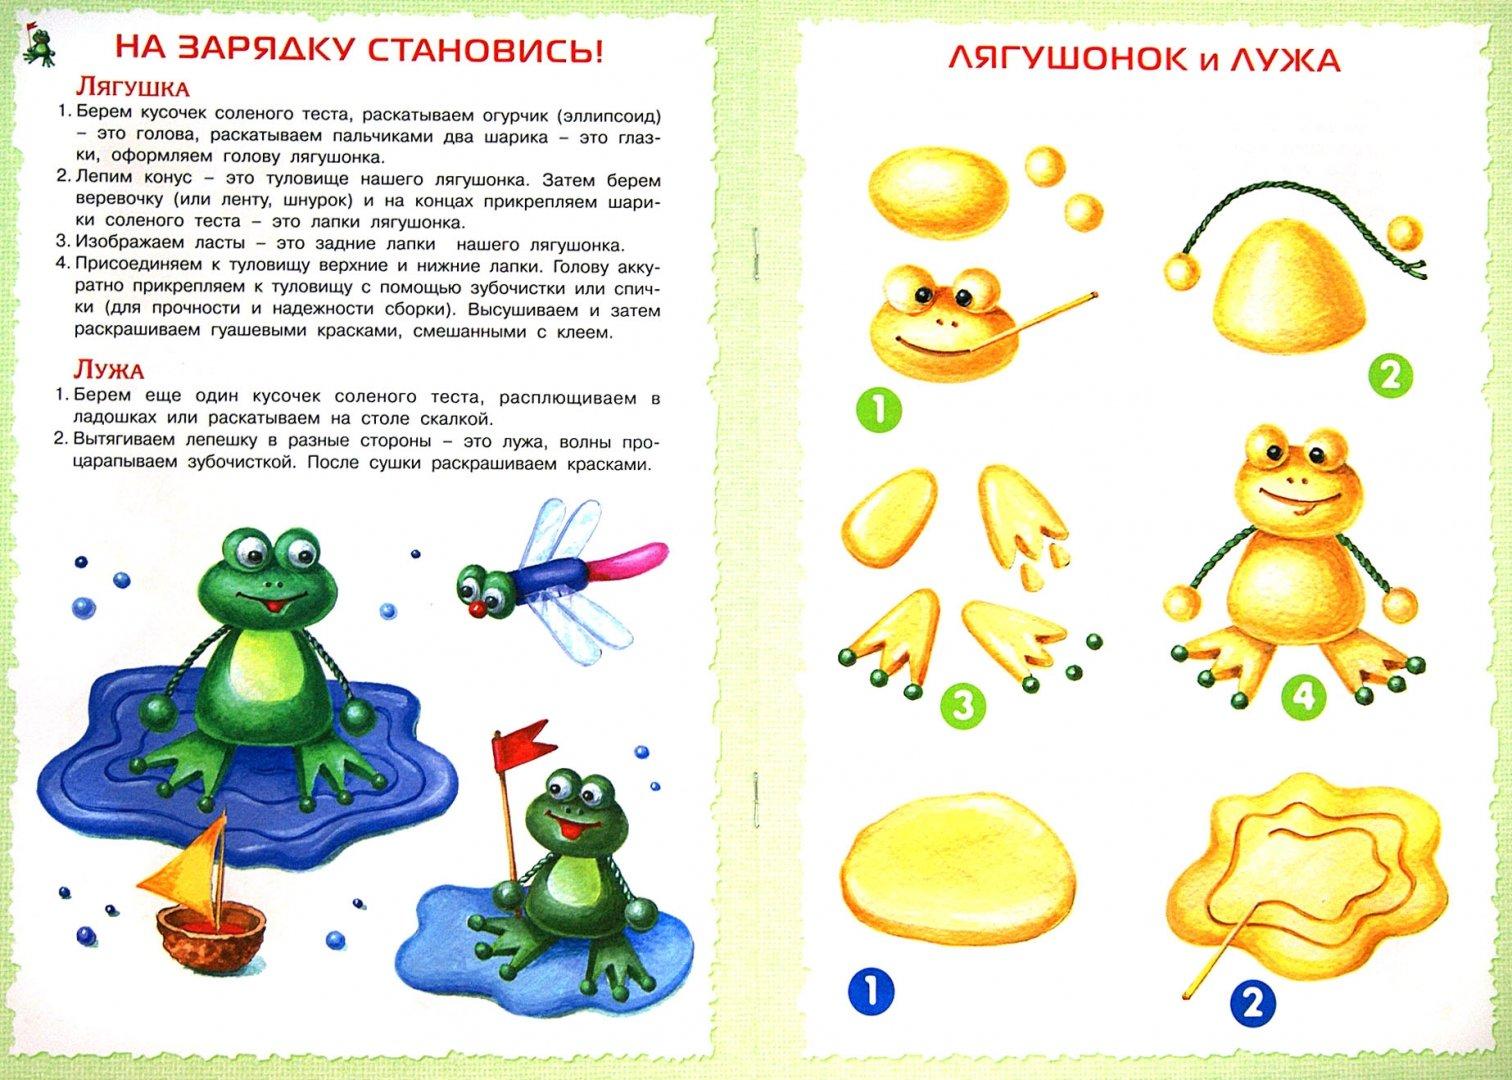 Иллюстрация 1 из 4 для Зайки на грядке. Лепим подарки из соленого теста - Ирина Лыкова | Лабиринт - книги. Источник: Лабиринт